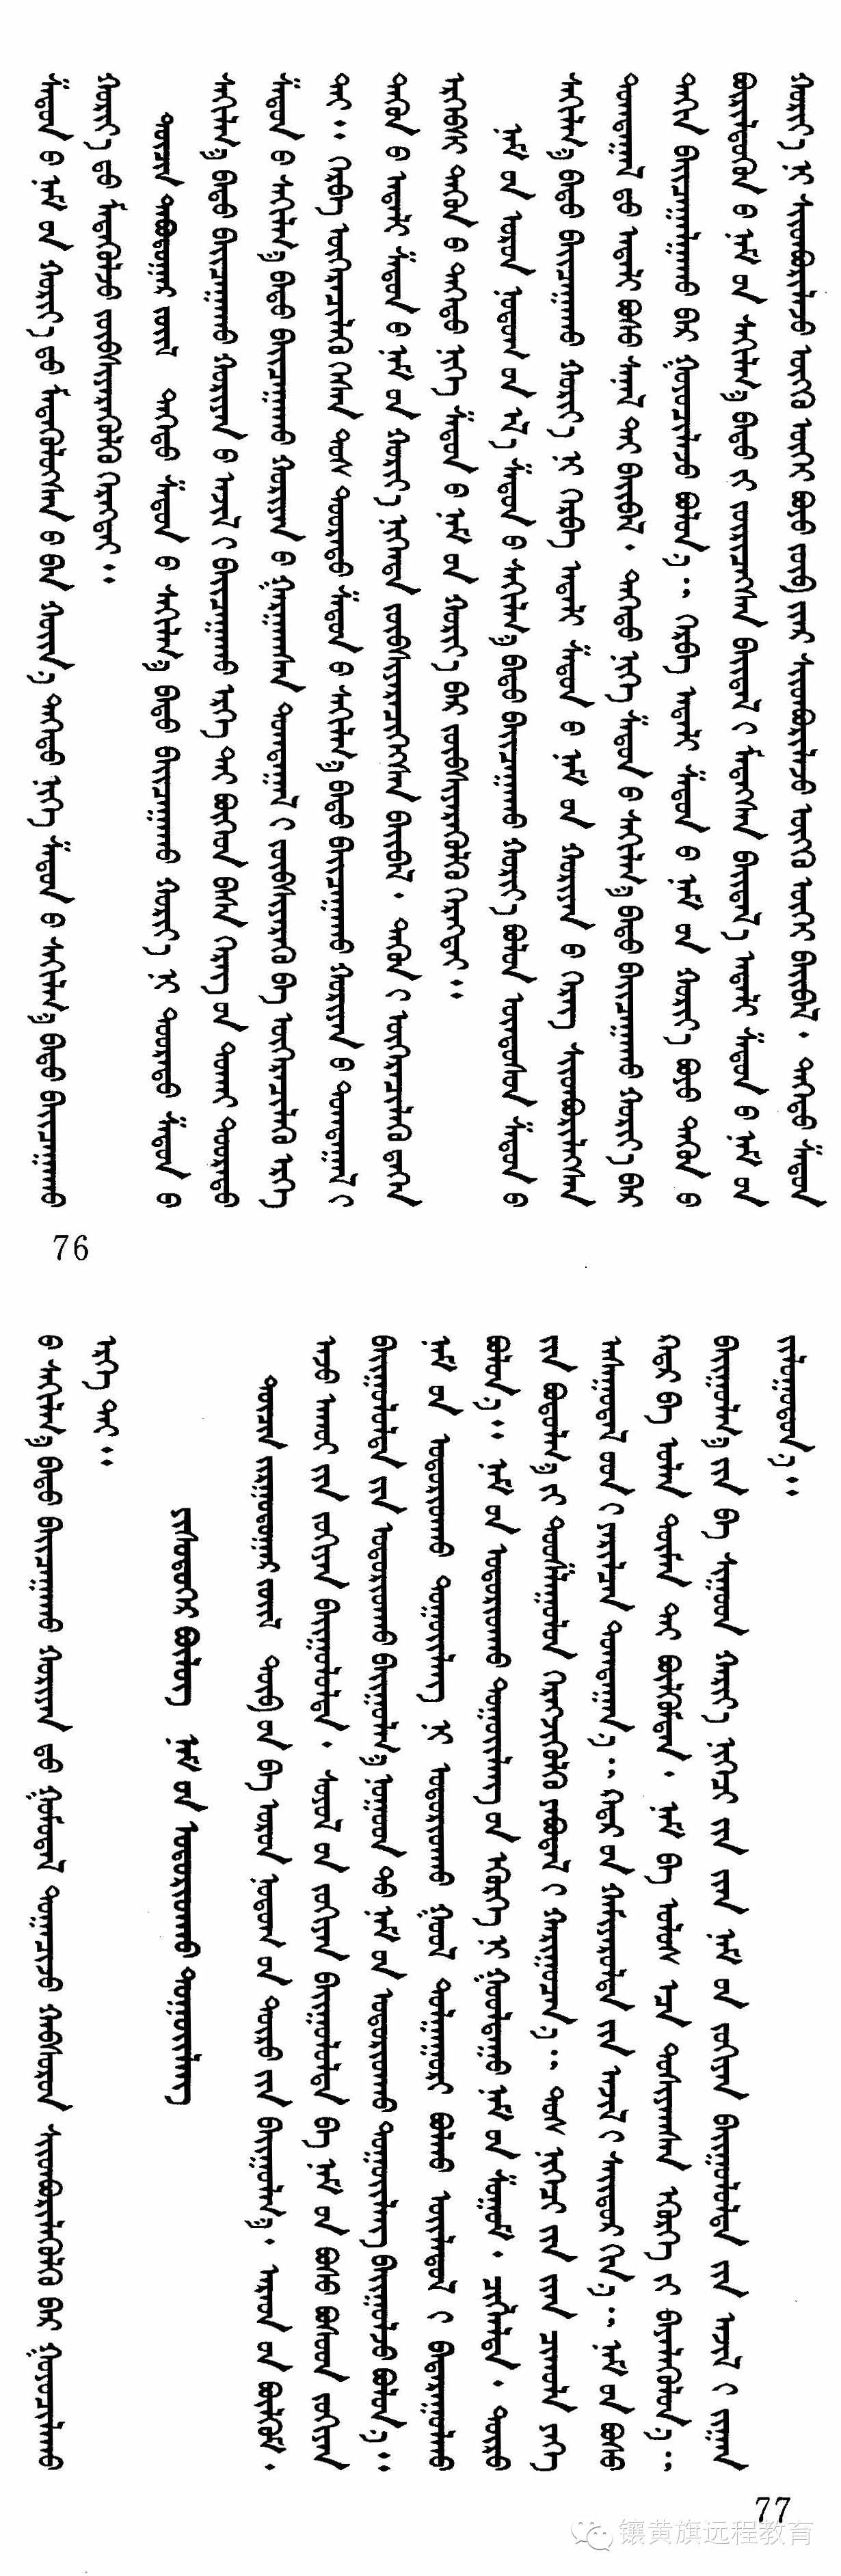 【两学一做材料】蒙文版《党章》 第24张 【两学一做材料】蒙文版《党章》 蒙古文库